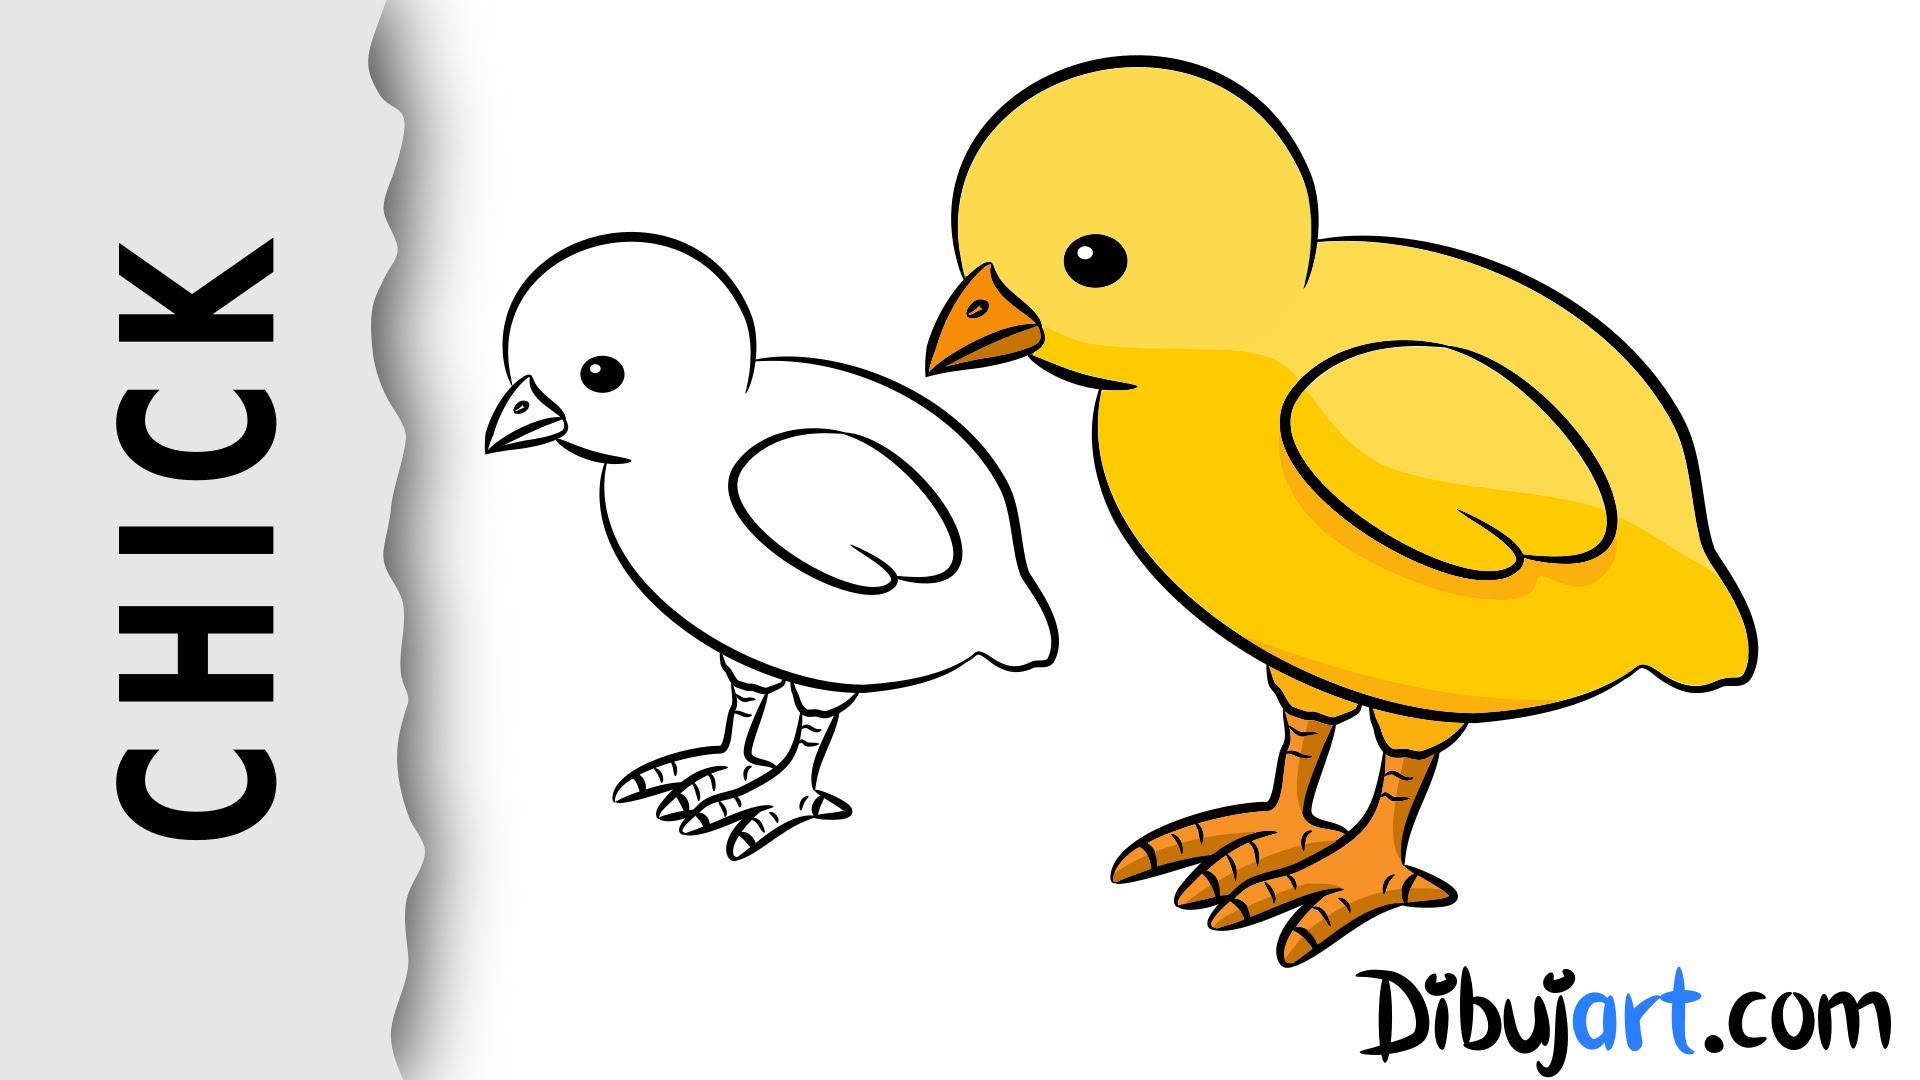 1920x1080 How To Draw A Baby Chick Wie Zeichnet Man Ein